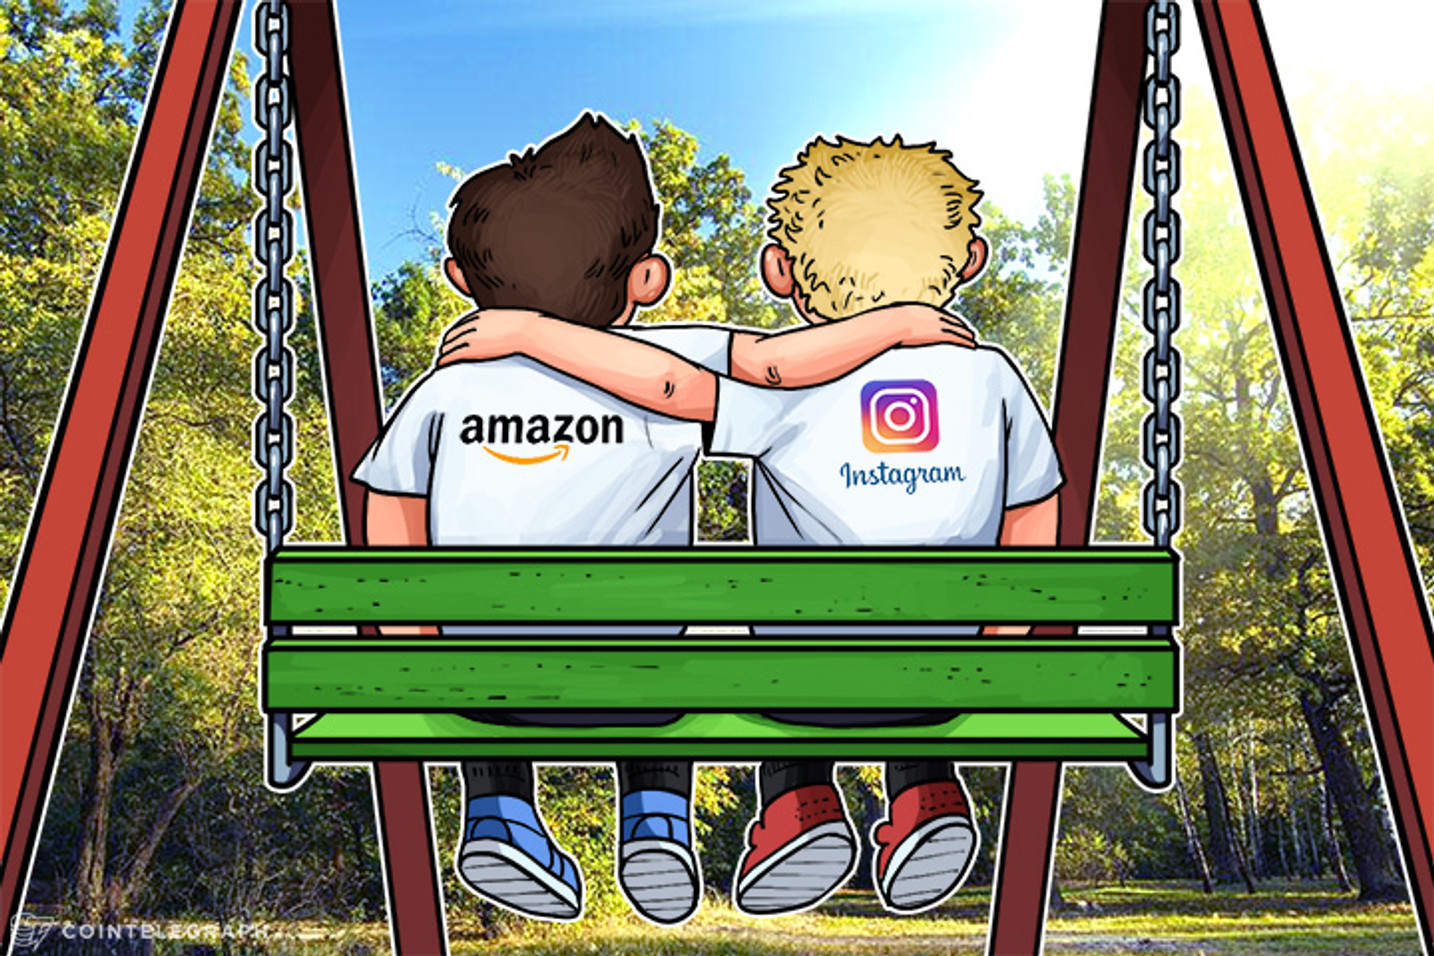 Quem vai criar a Amazon e o Instagram da criptomoeda?